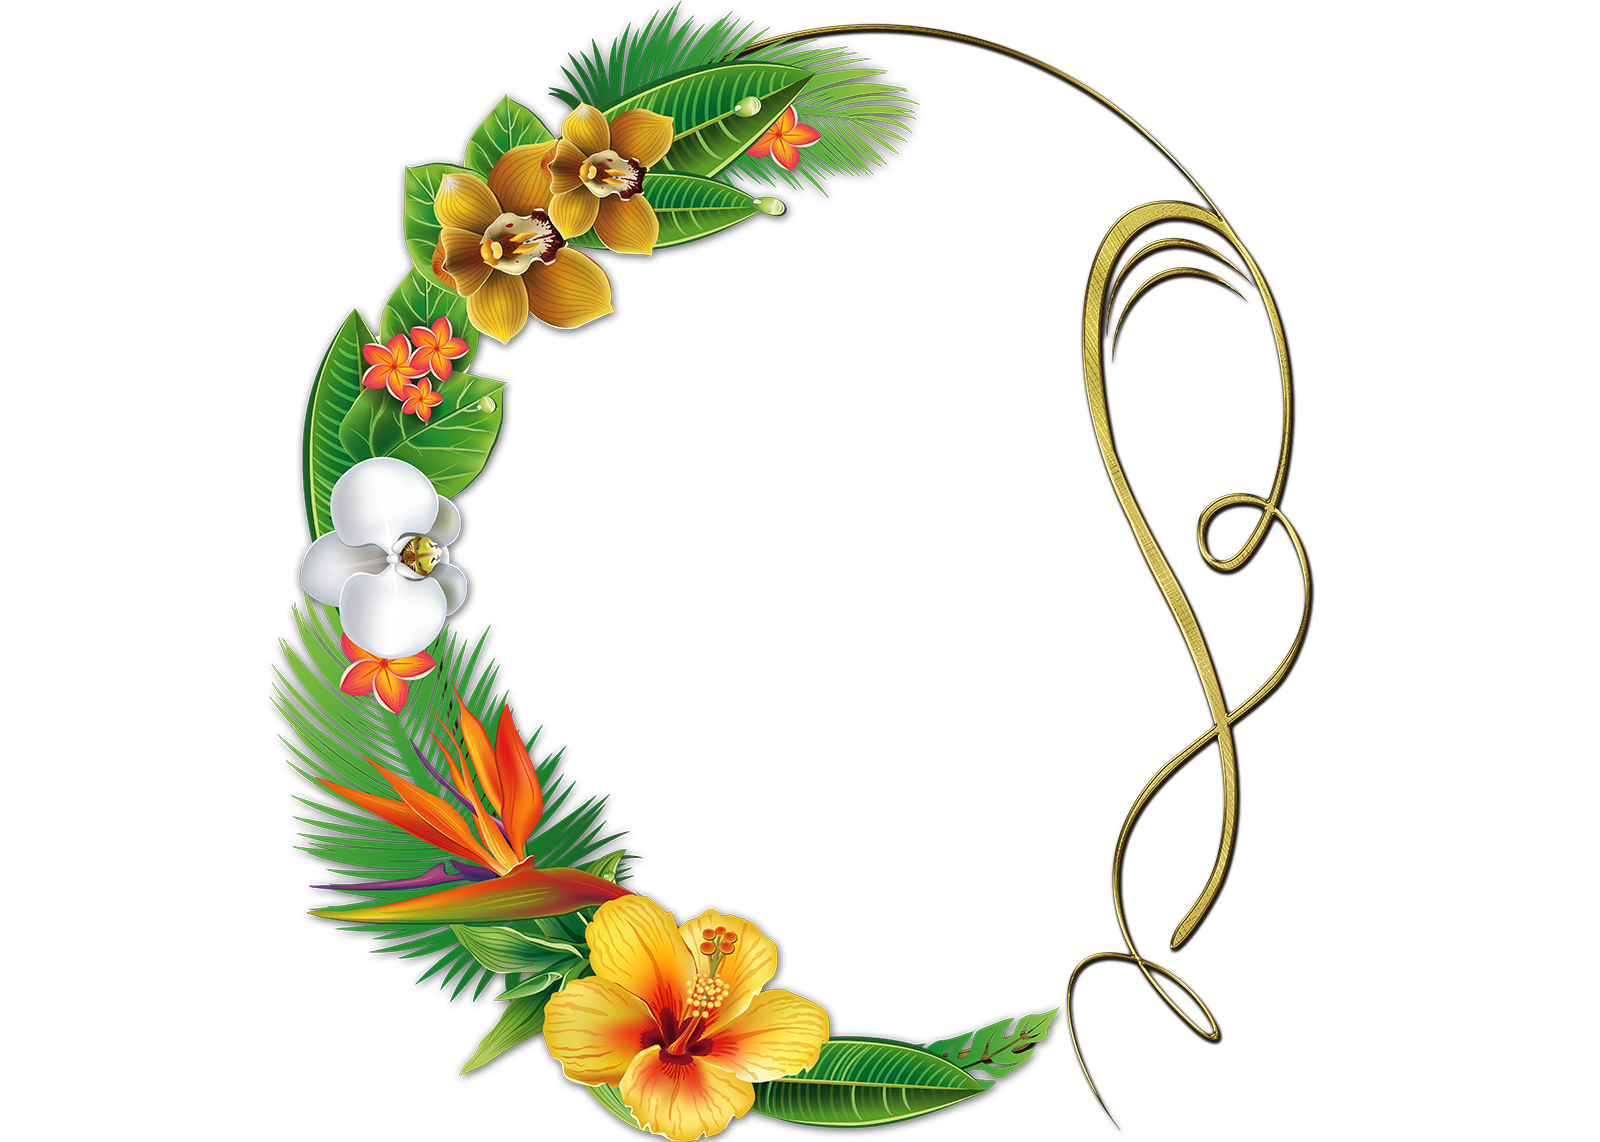 Fondo cl sico para fotos con flores coloridas marcos de - Marcos clasicos para fotos ...